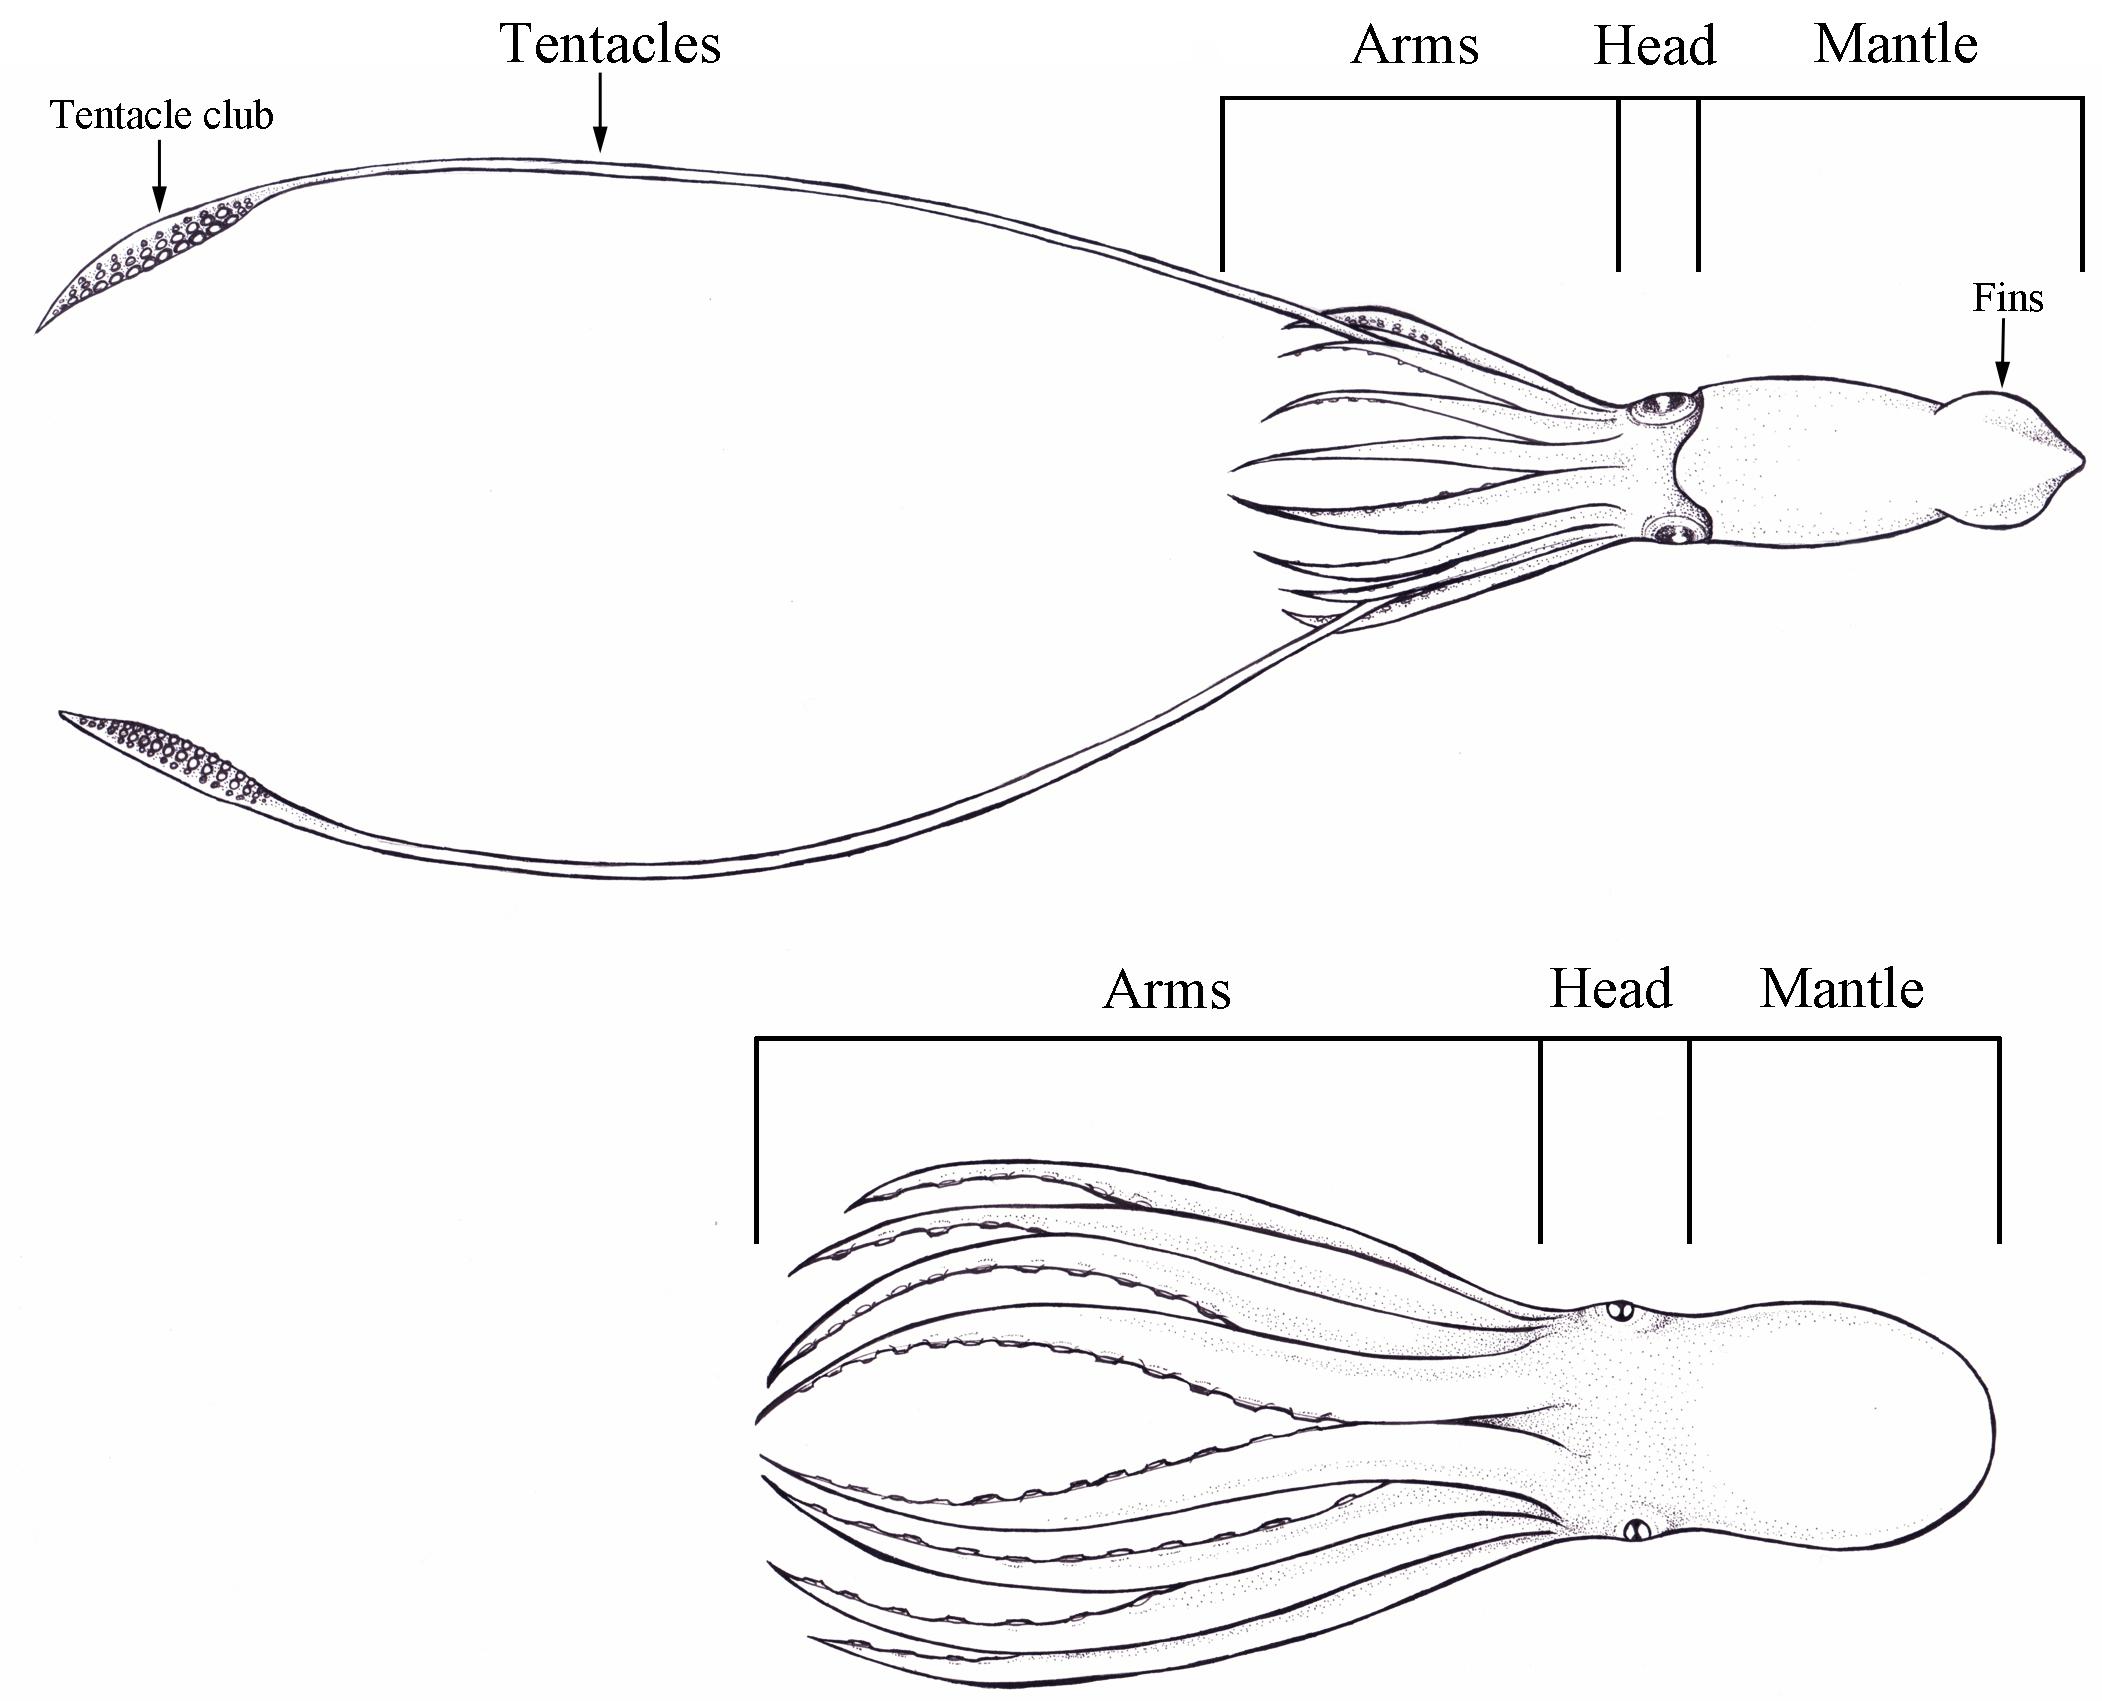 Squids, octopuses and lots of ink | Journal of Geek Studies